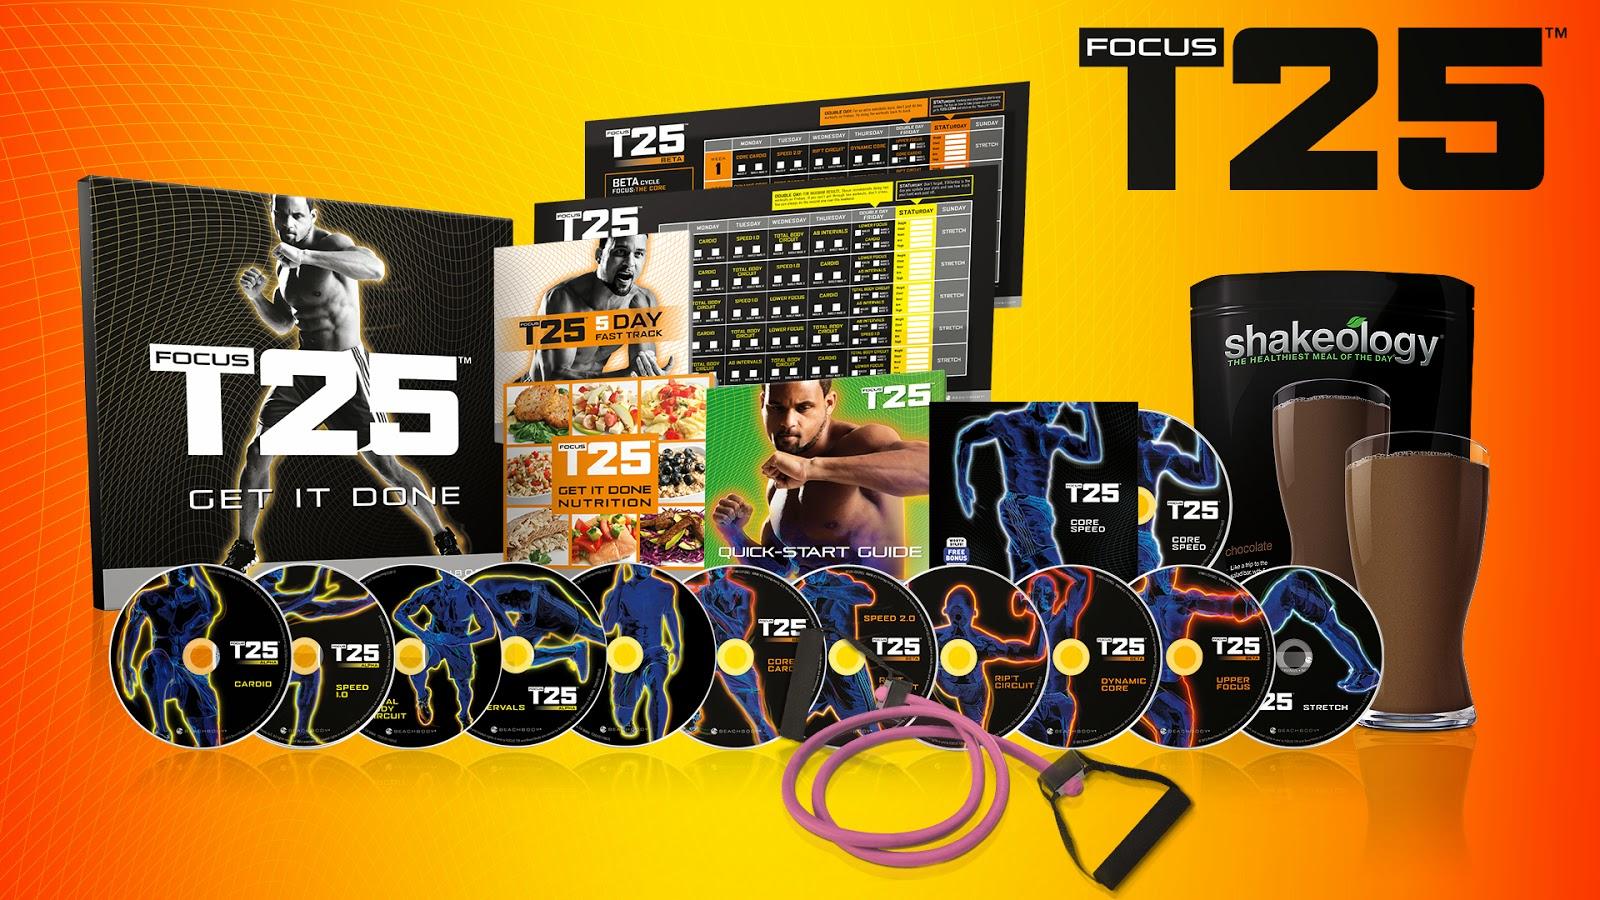 T25 promotion